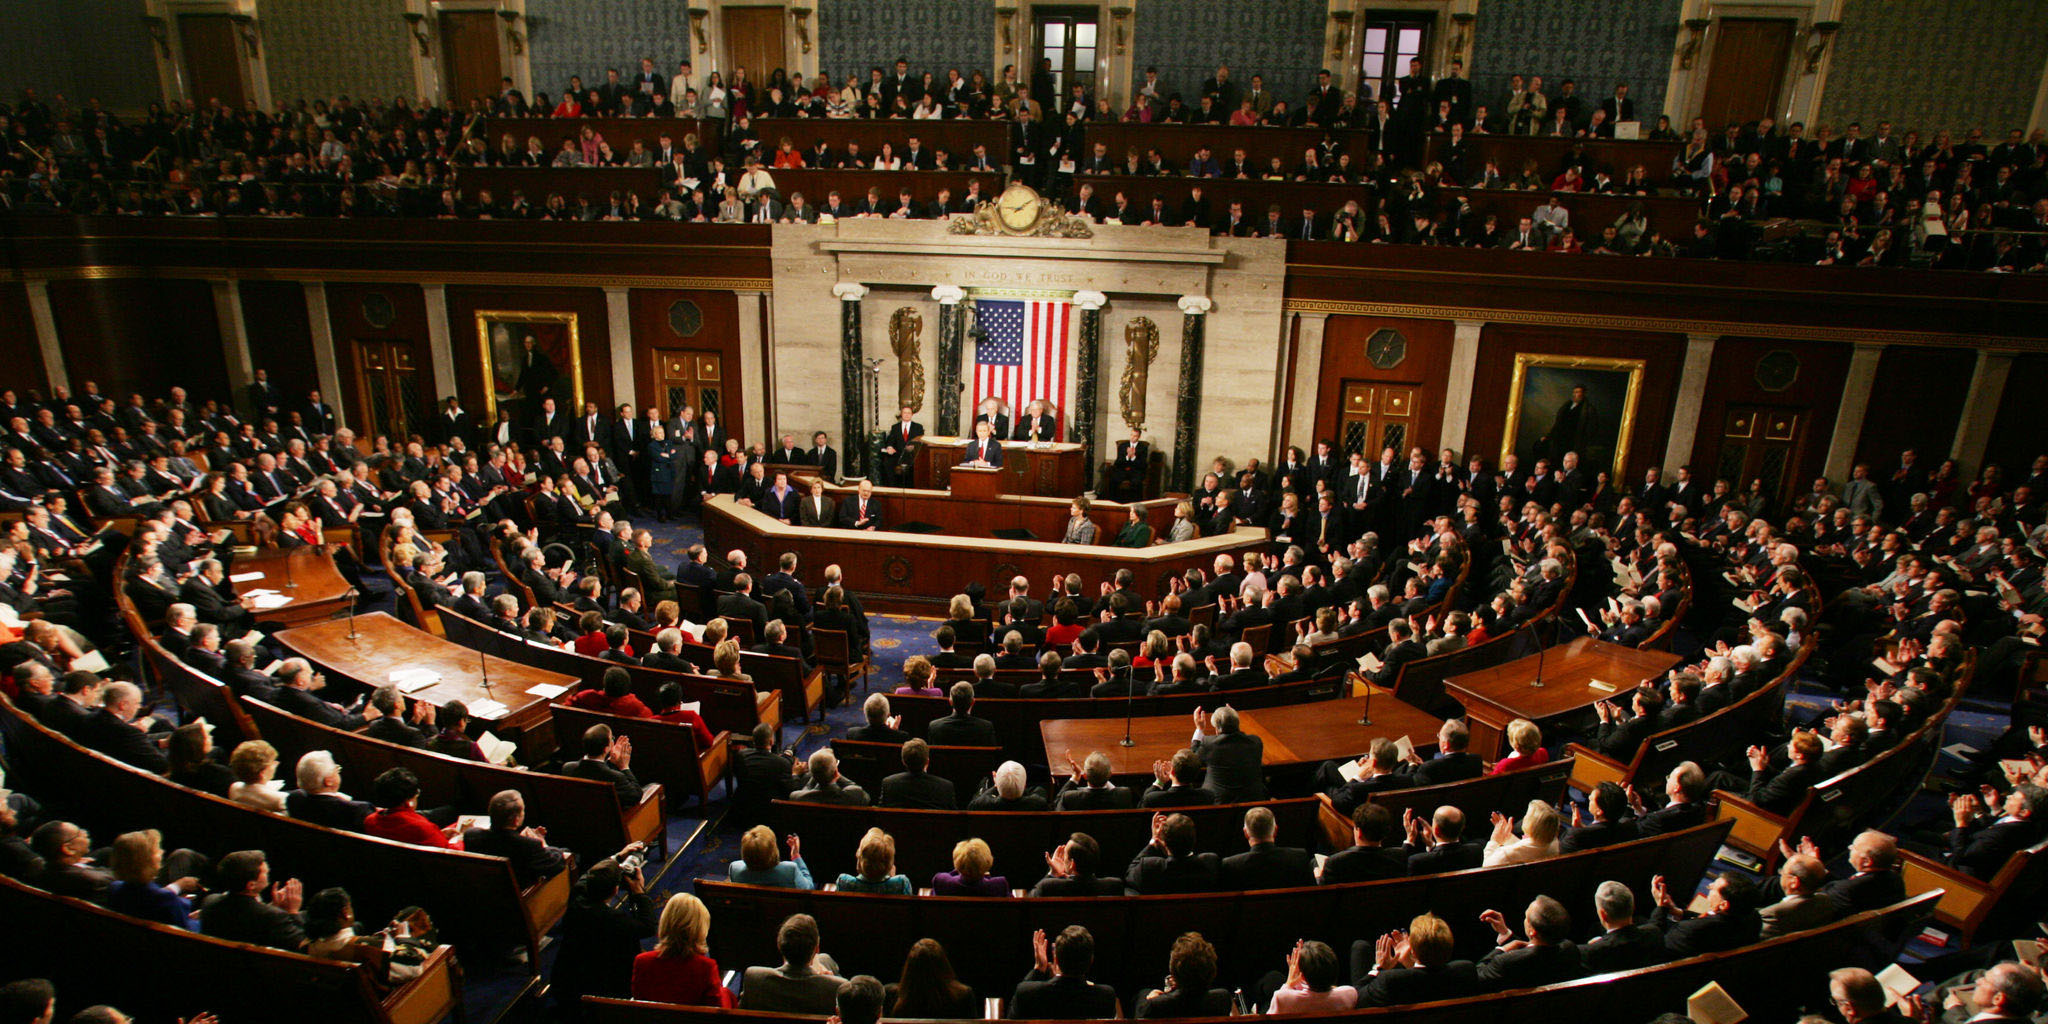 مخالفت مجلس نمایندگان آمریکا با فروش هواپیمای تجاری به ایران